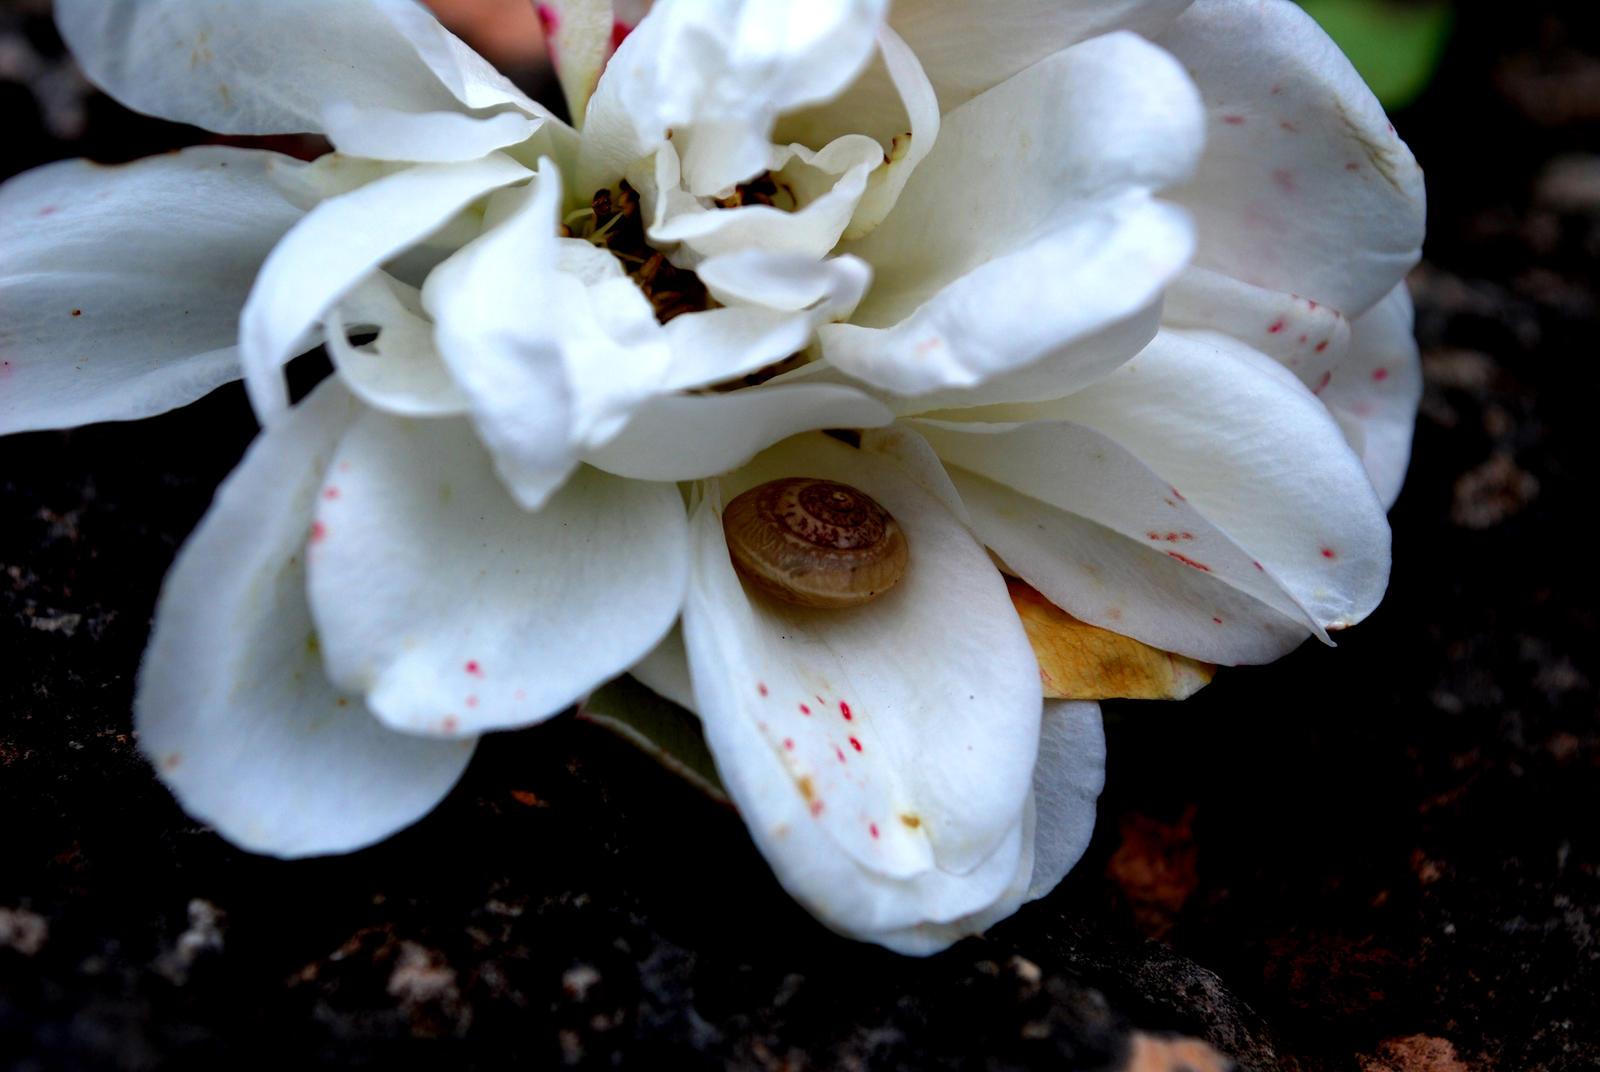 White Ripe Blossomed Rose Edited